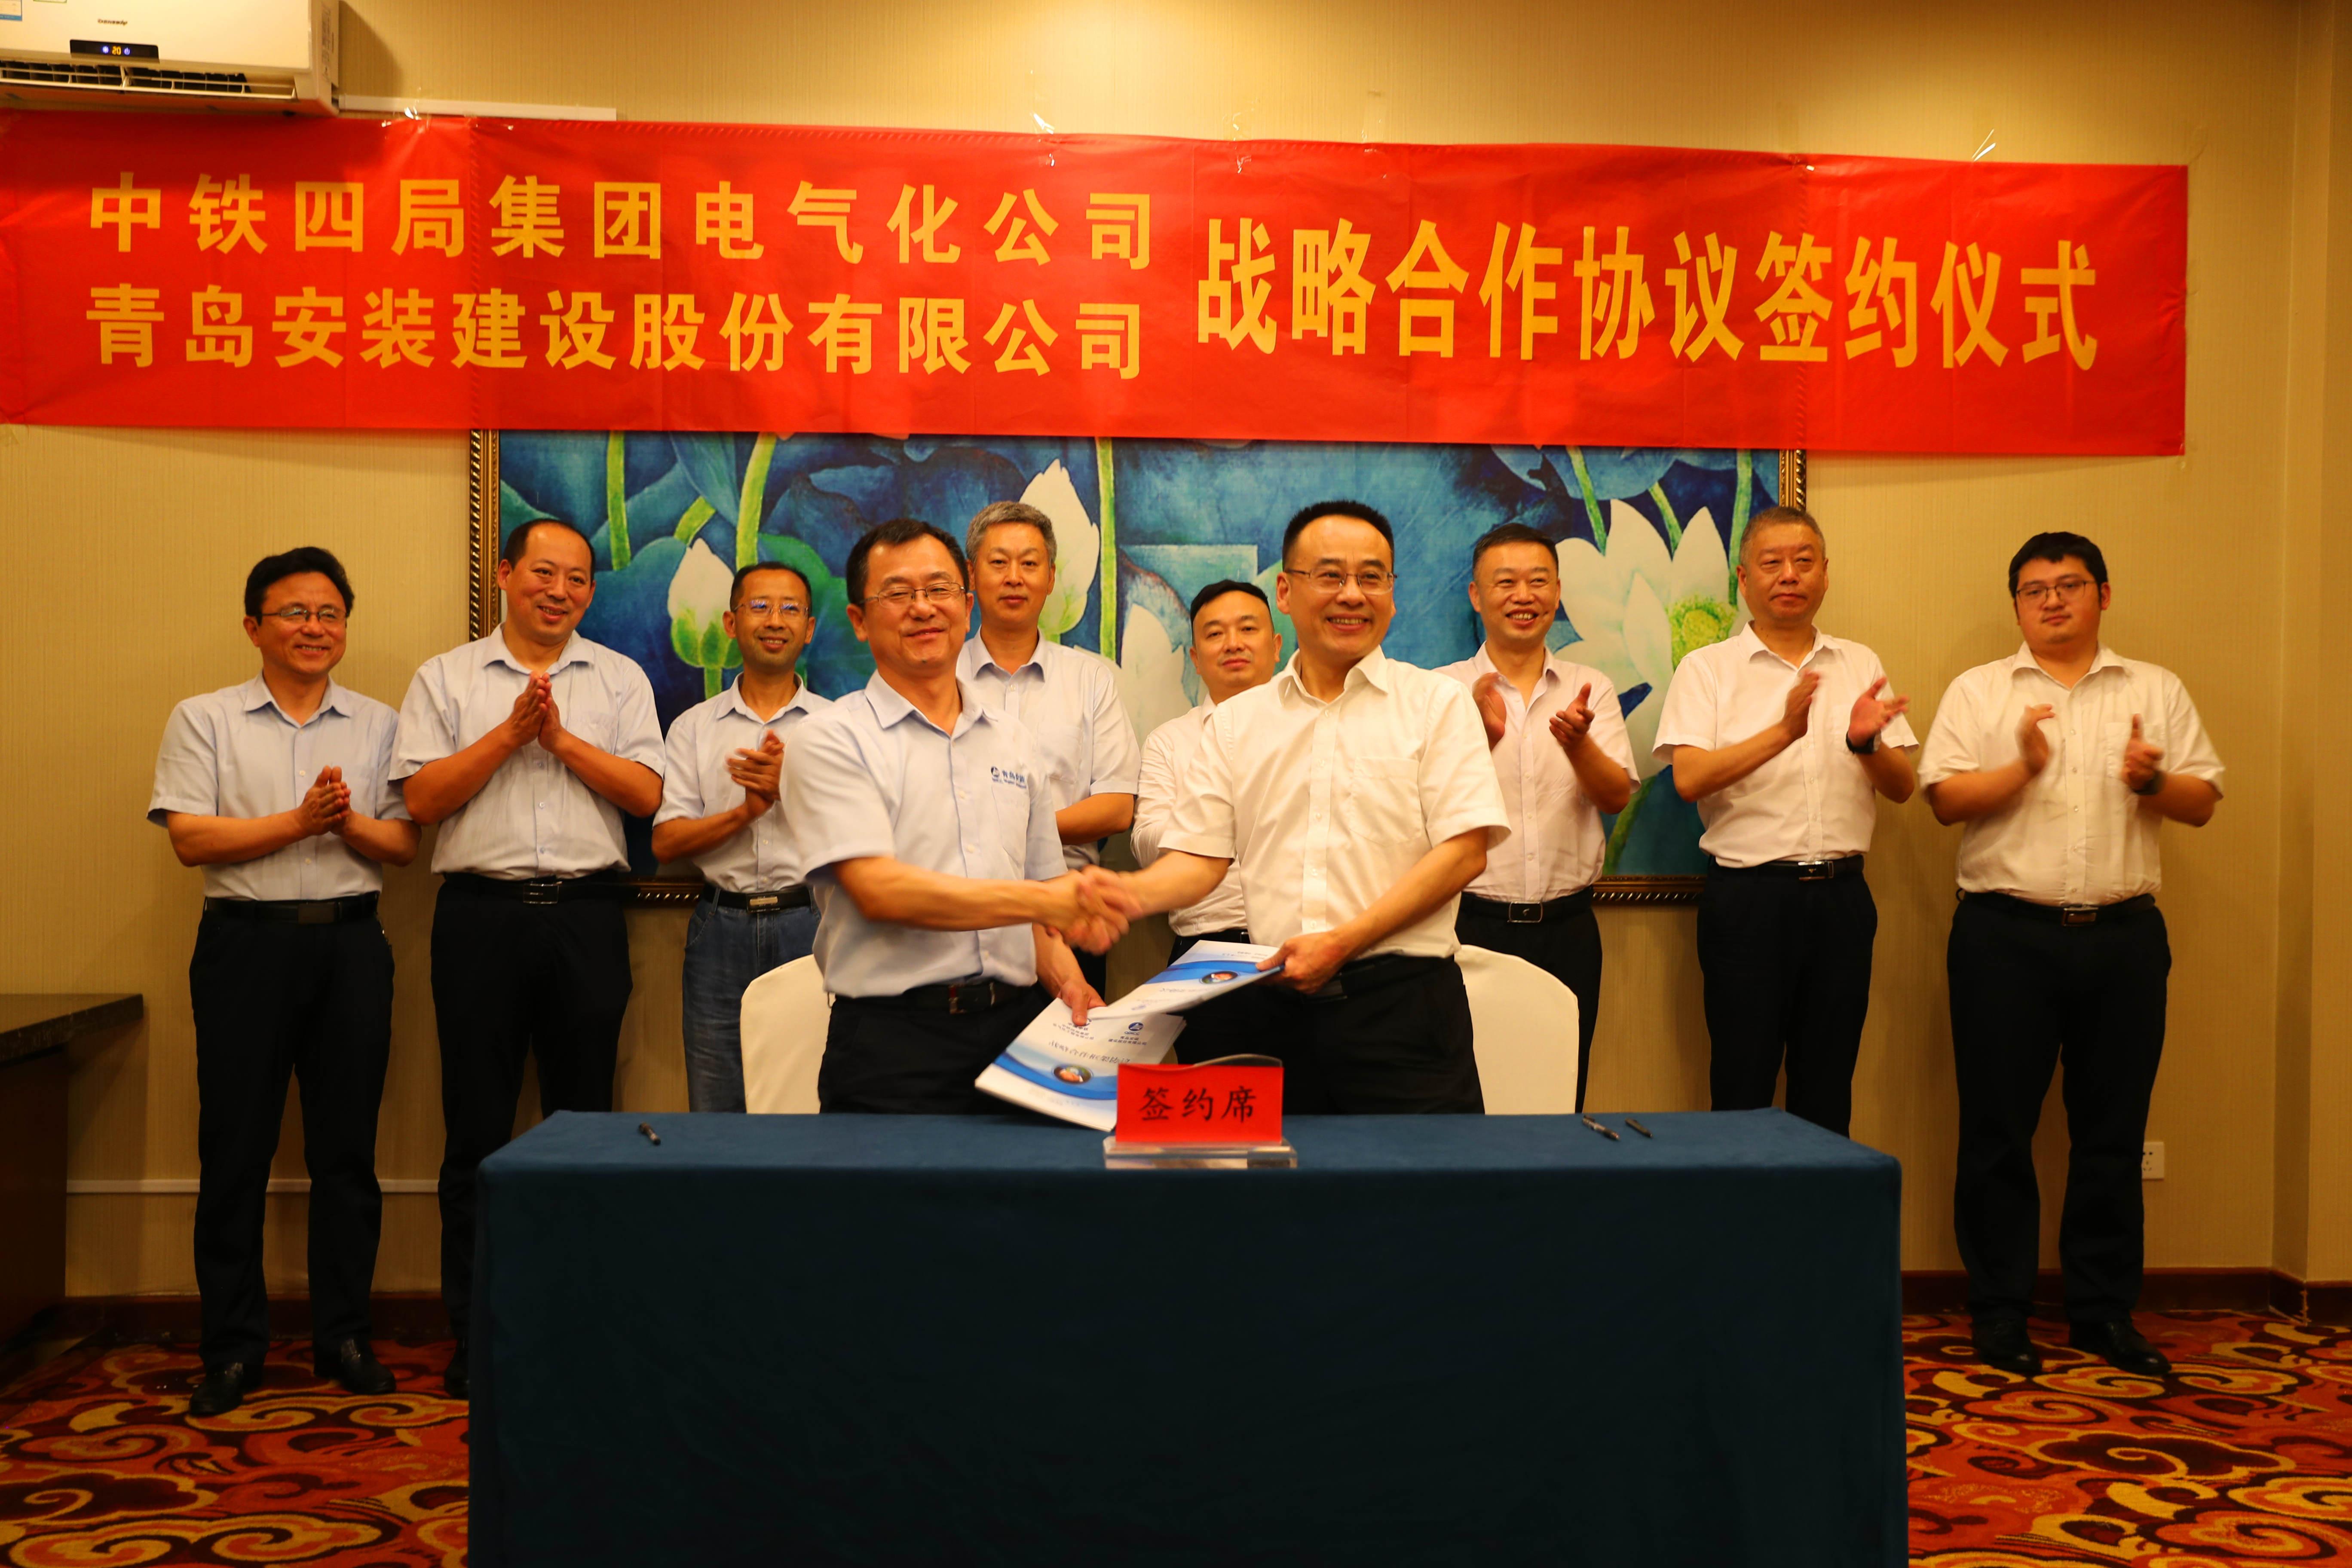 青岛安装建设股份有限公司与中铁四局集团电气化工程有限公司签订战略合作框架协议